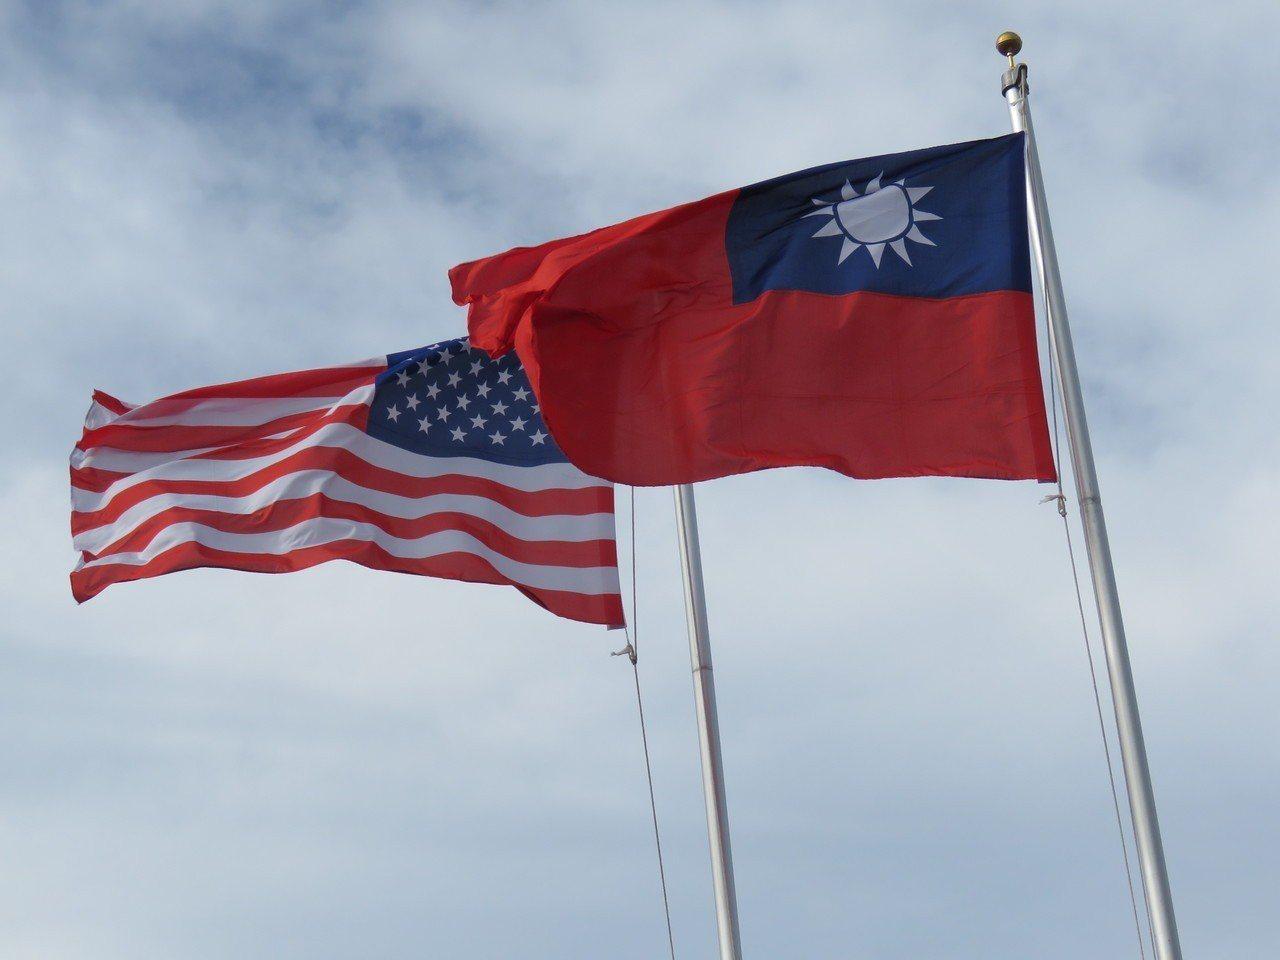 美國智庫指出,美台今年簽署FTA的可能性增加,但美方可能要求台灣在農產品市場准入...